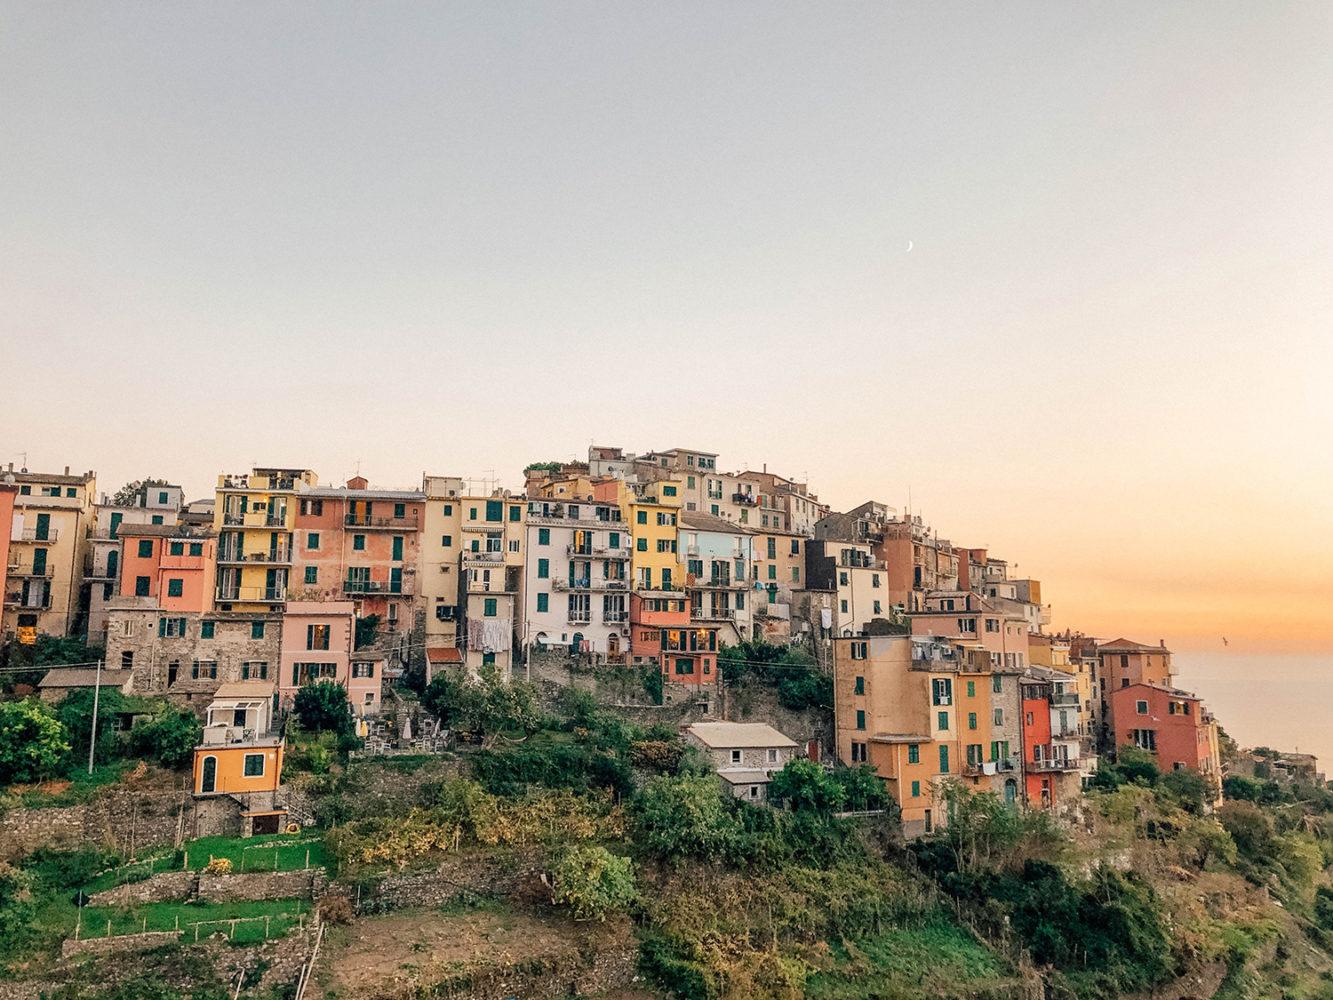 Le sublime village de Corniglia